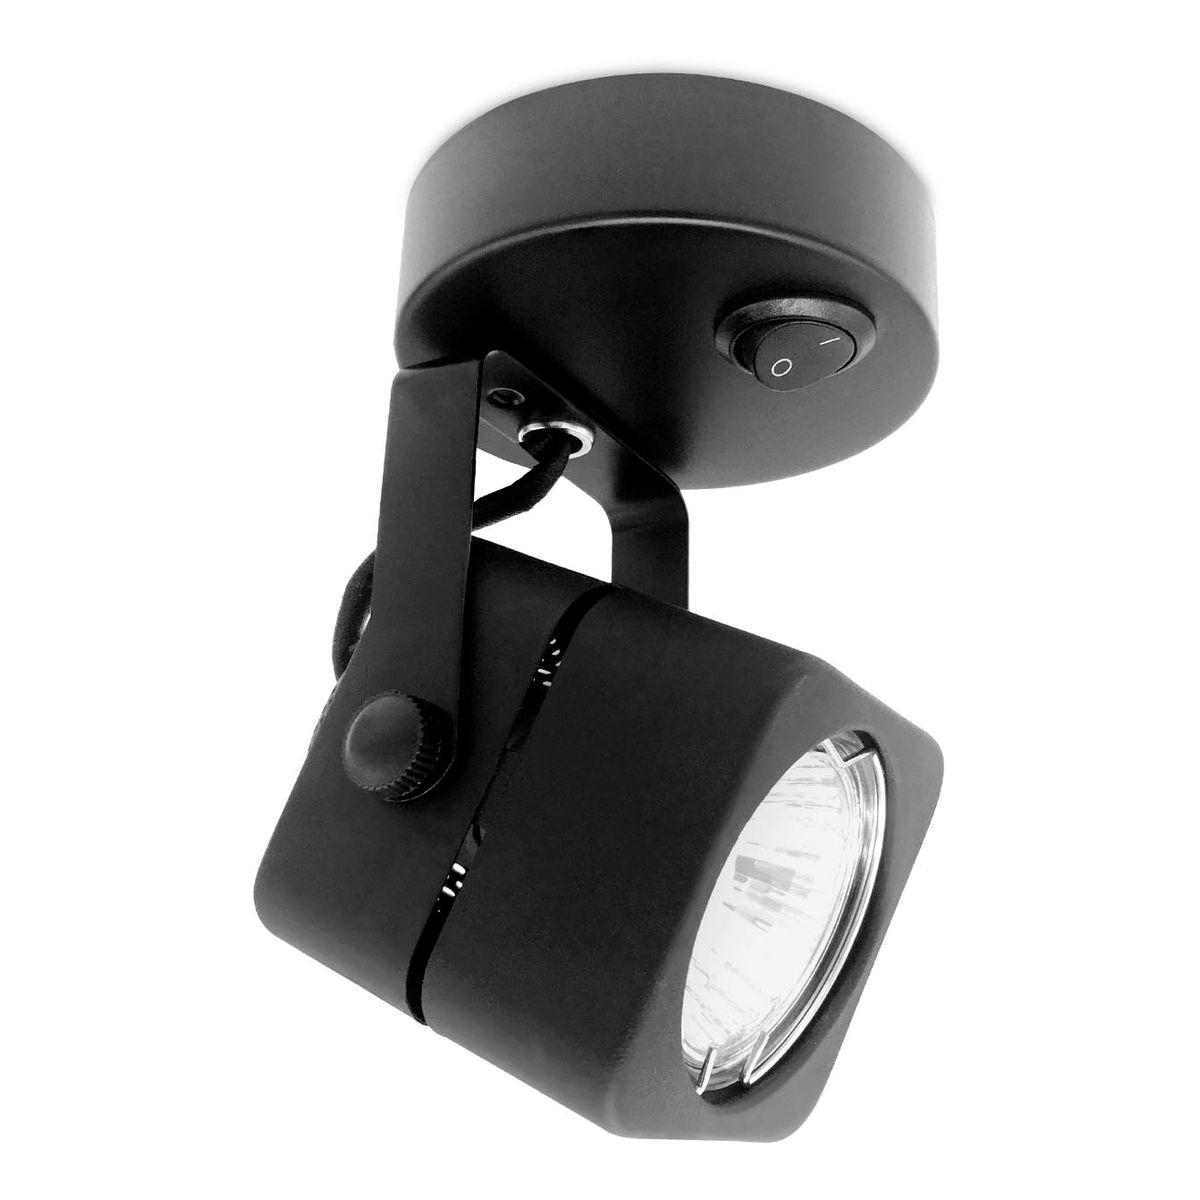 спот spot light 2404428 Спот Ambrella light TA110 Techno Spot